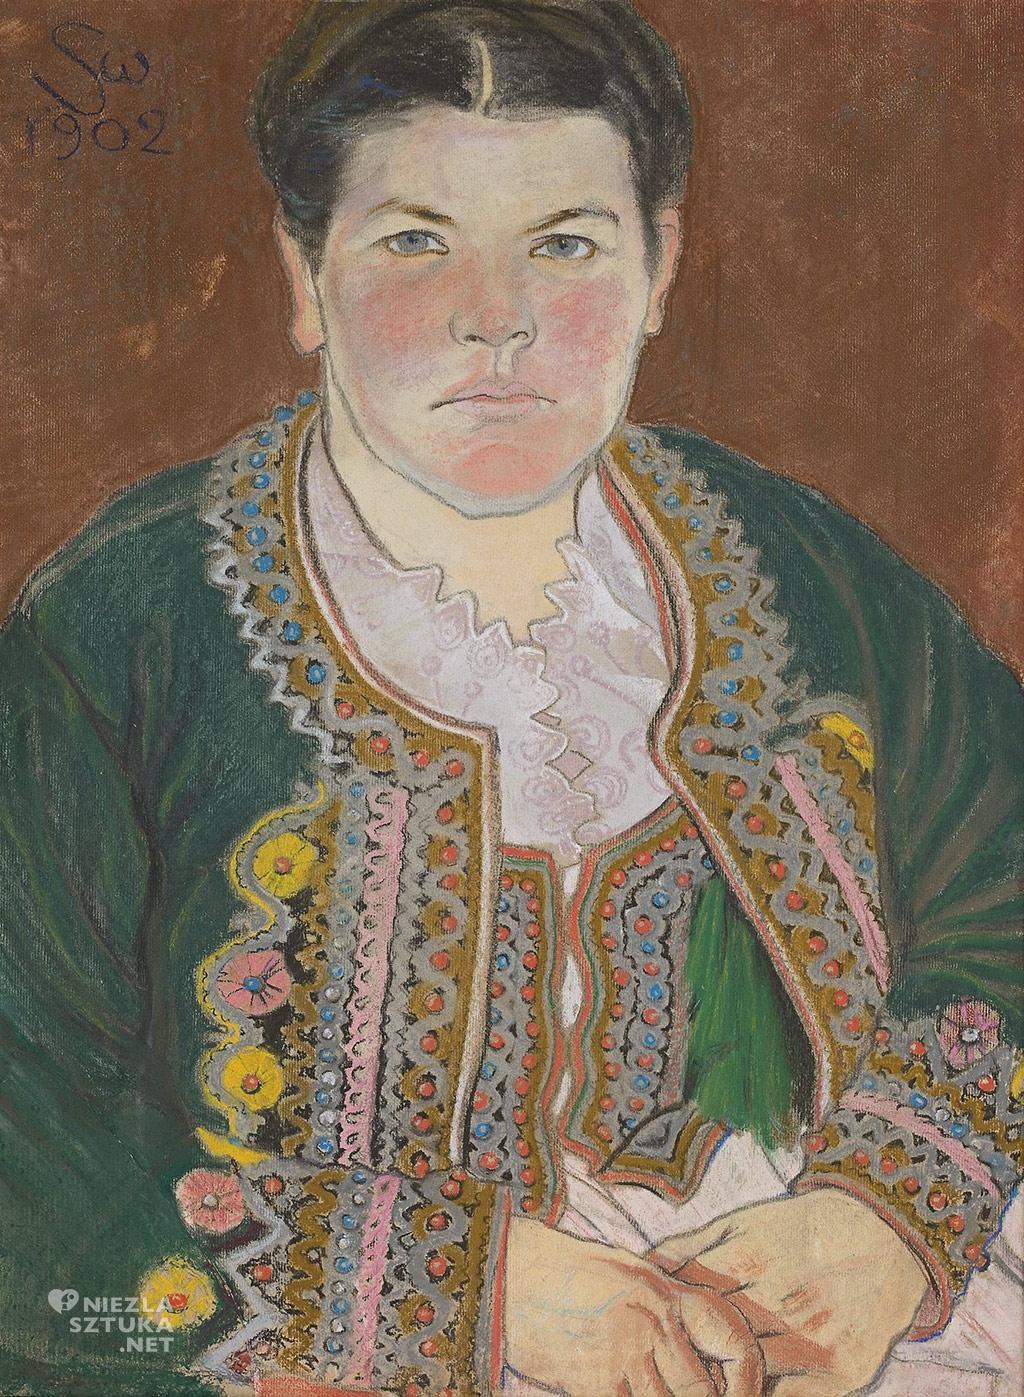 Stanisław Wyspiański Portret żony w serdaku, 1902, Muzeum Narodowe w Warszawie